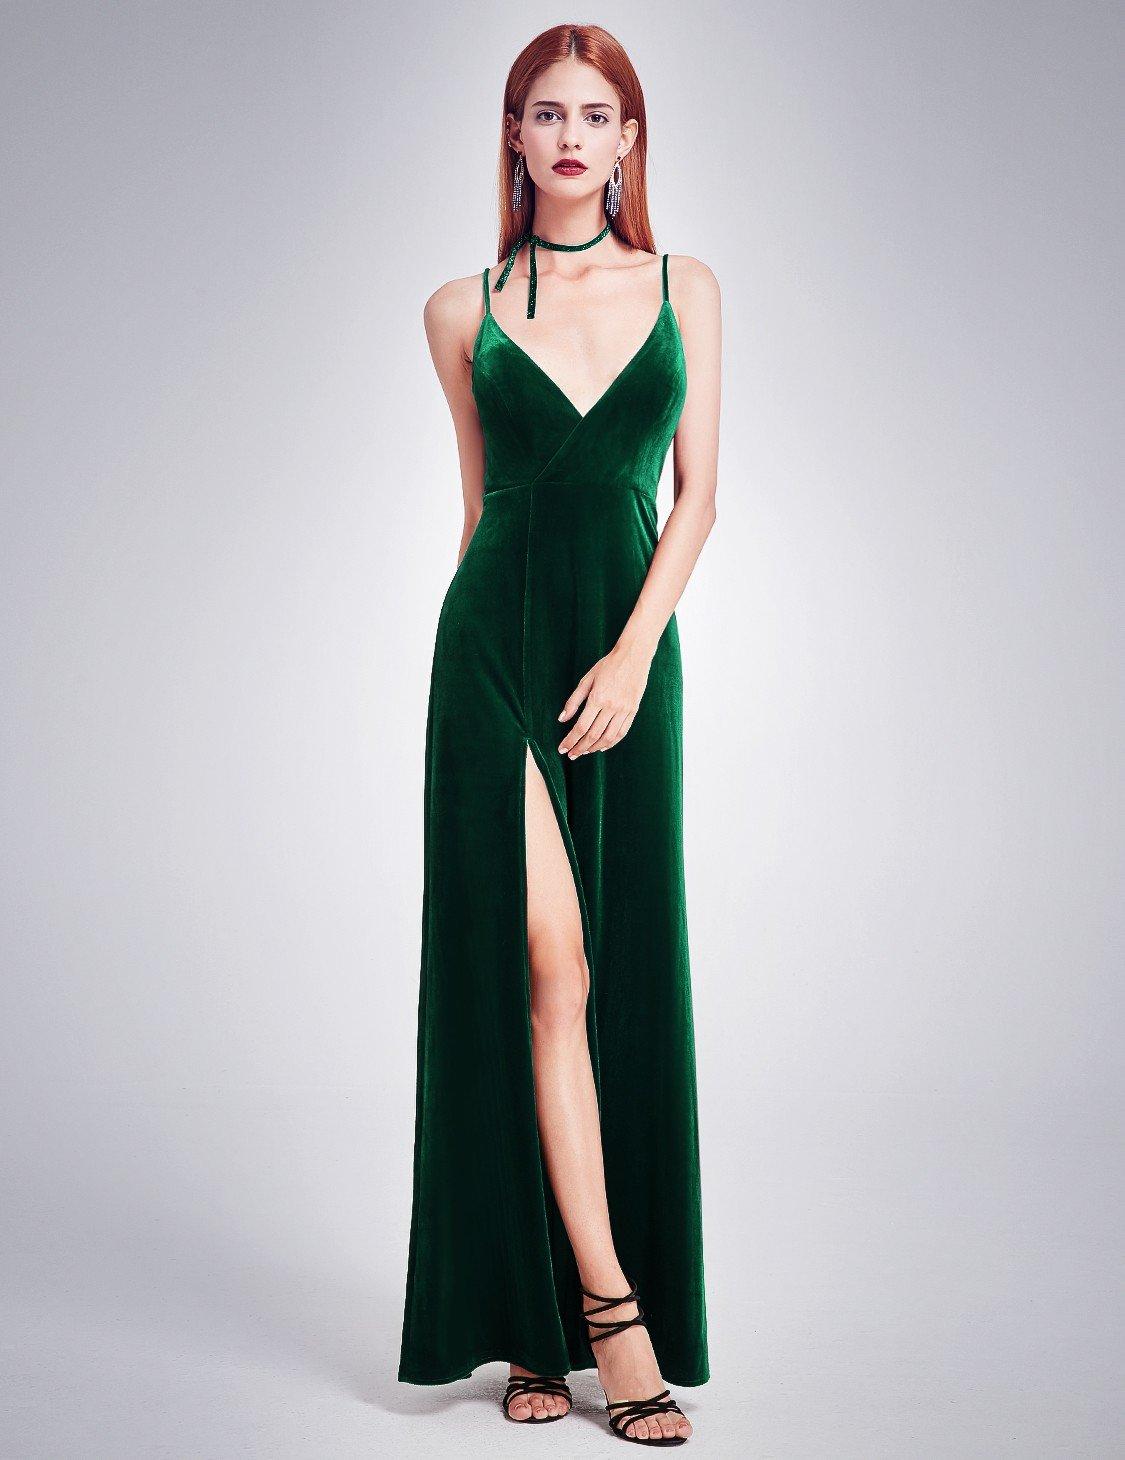 831093efda58c0a ... Тёмно-зелёное бархатное платье на тонких бретелях с разрезом Длинные  платья